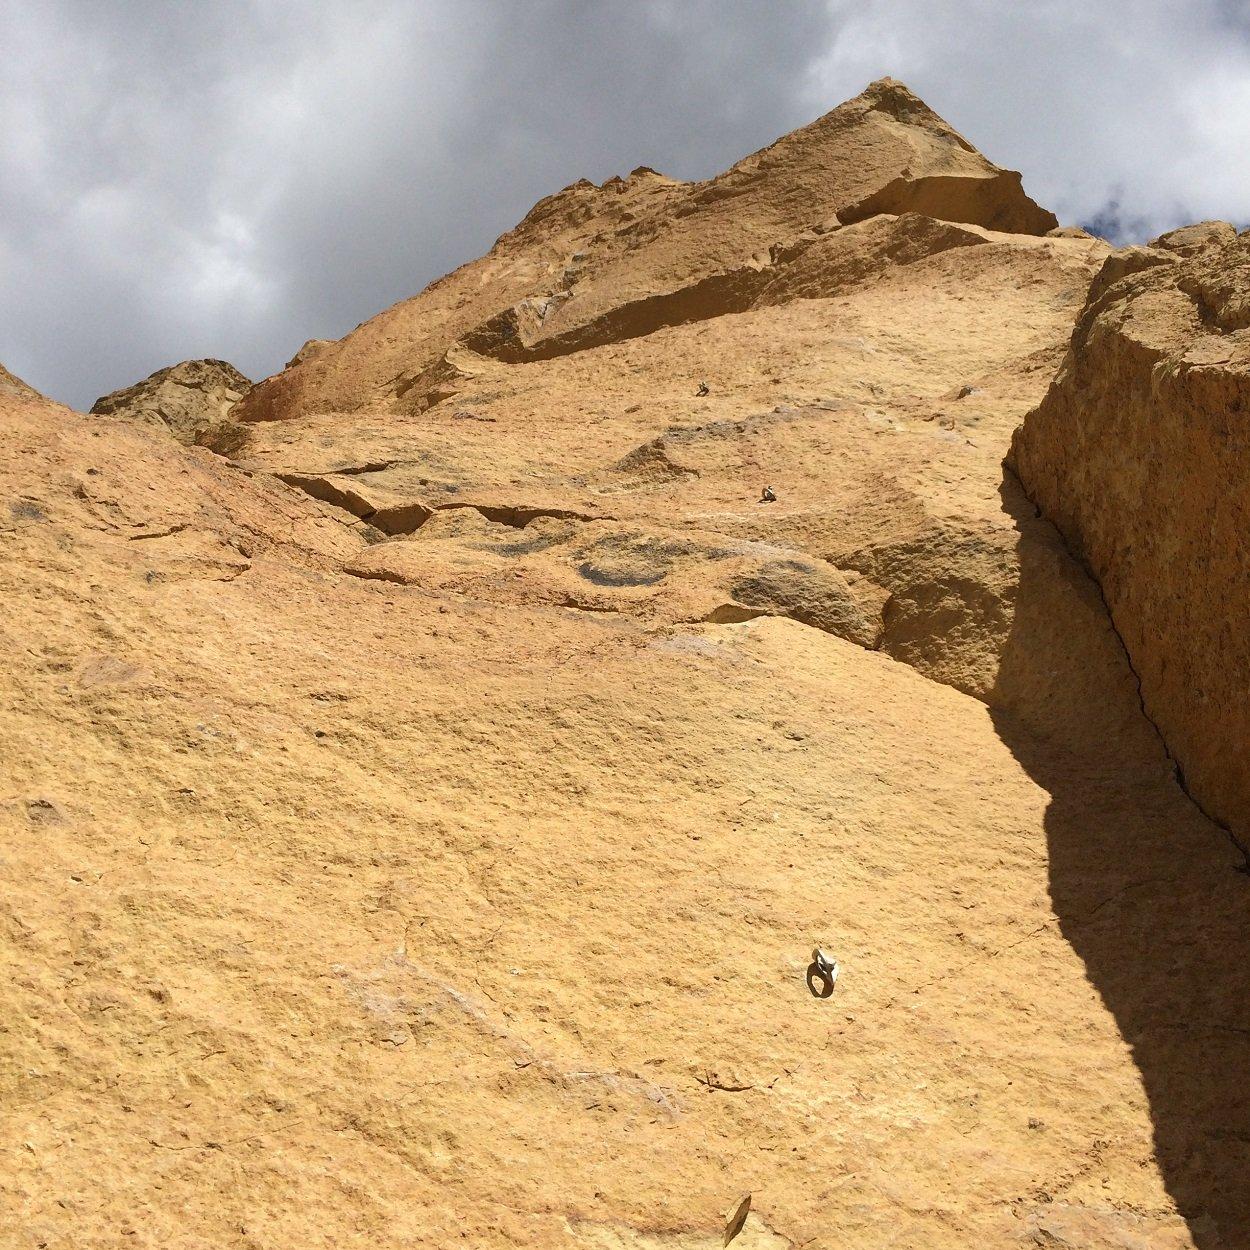 Buffalo Power - Smith Rock Climbing